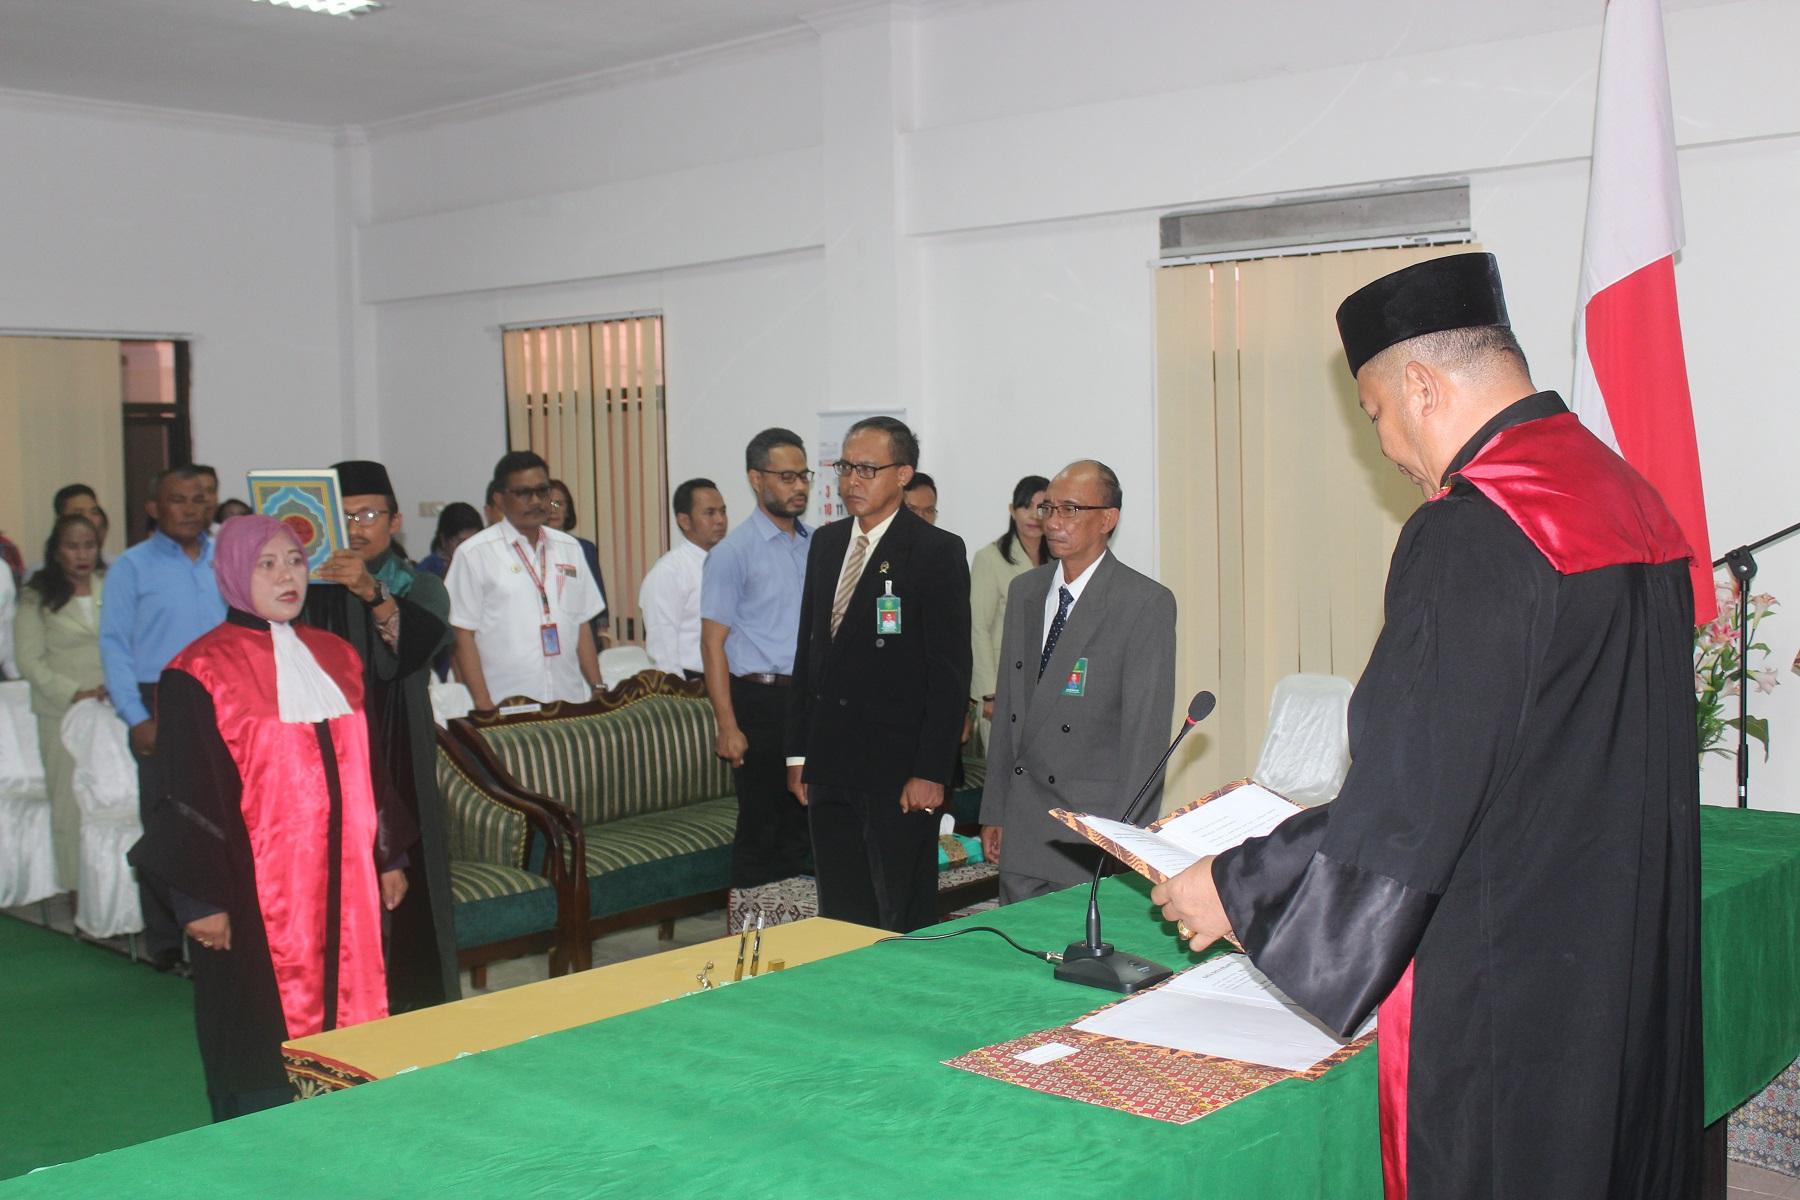 Pengambilan Sumpah dan Pelantikan Wakil Ketua Pengadilan Negeri Kupang Kelas IA